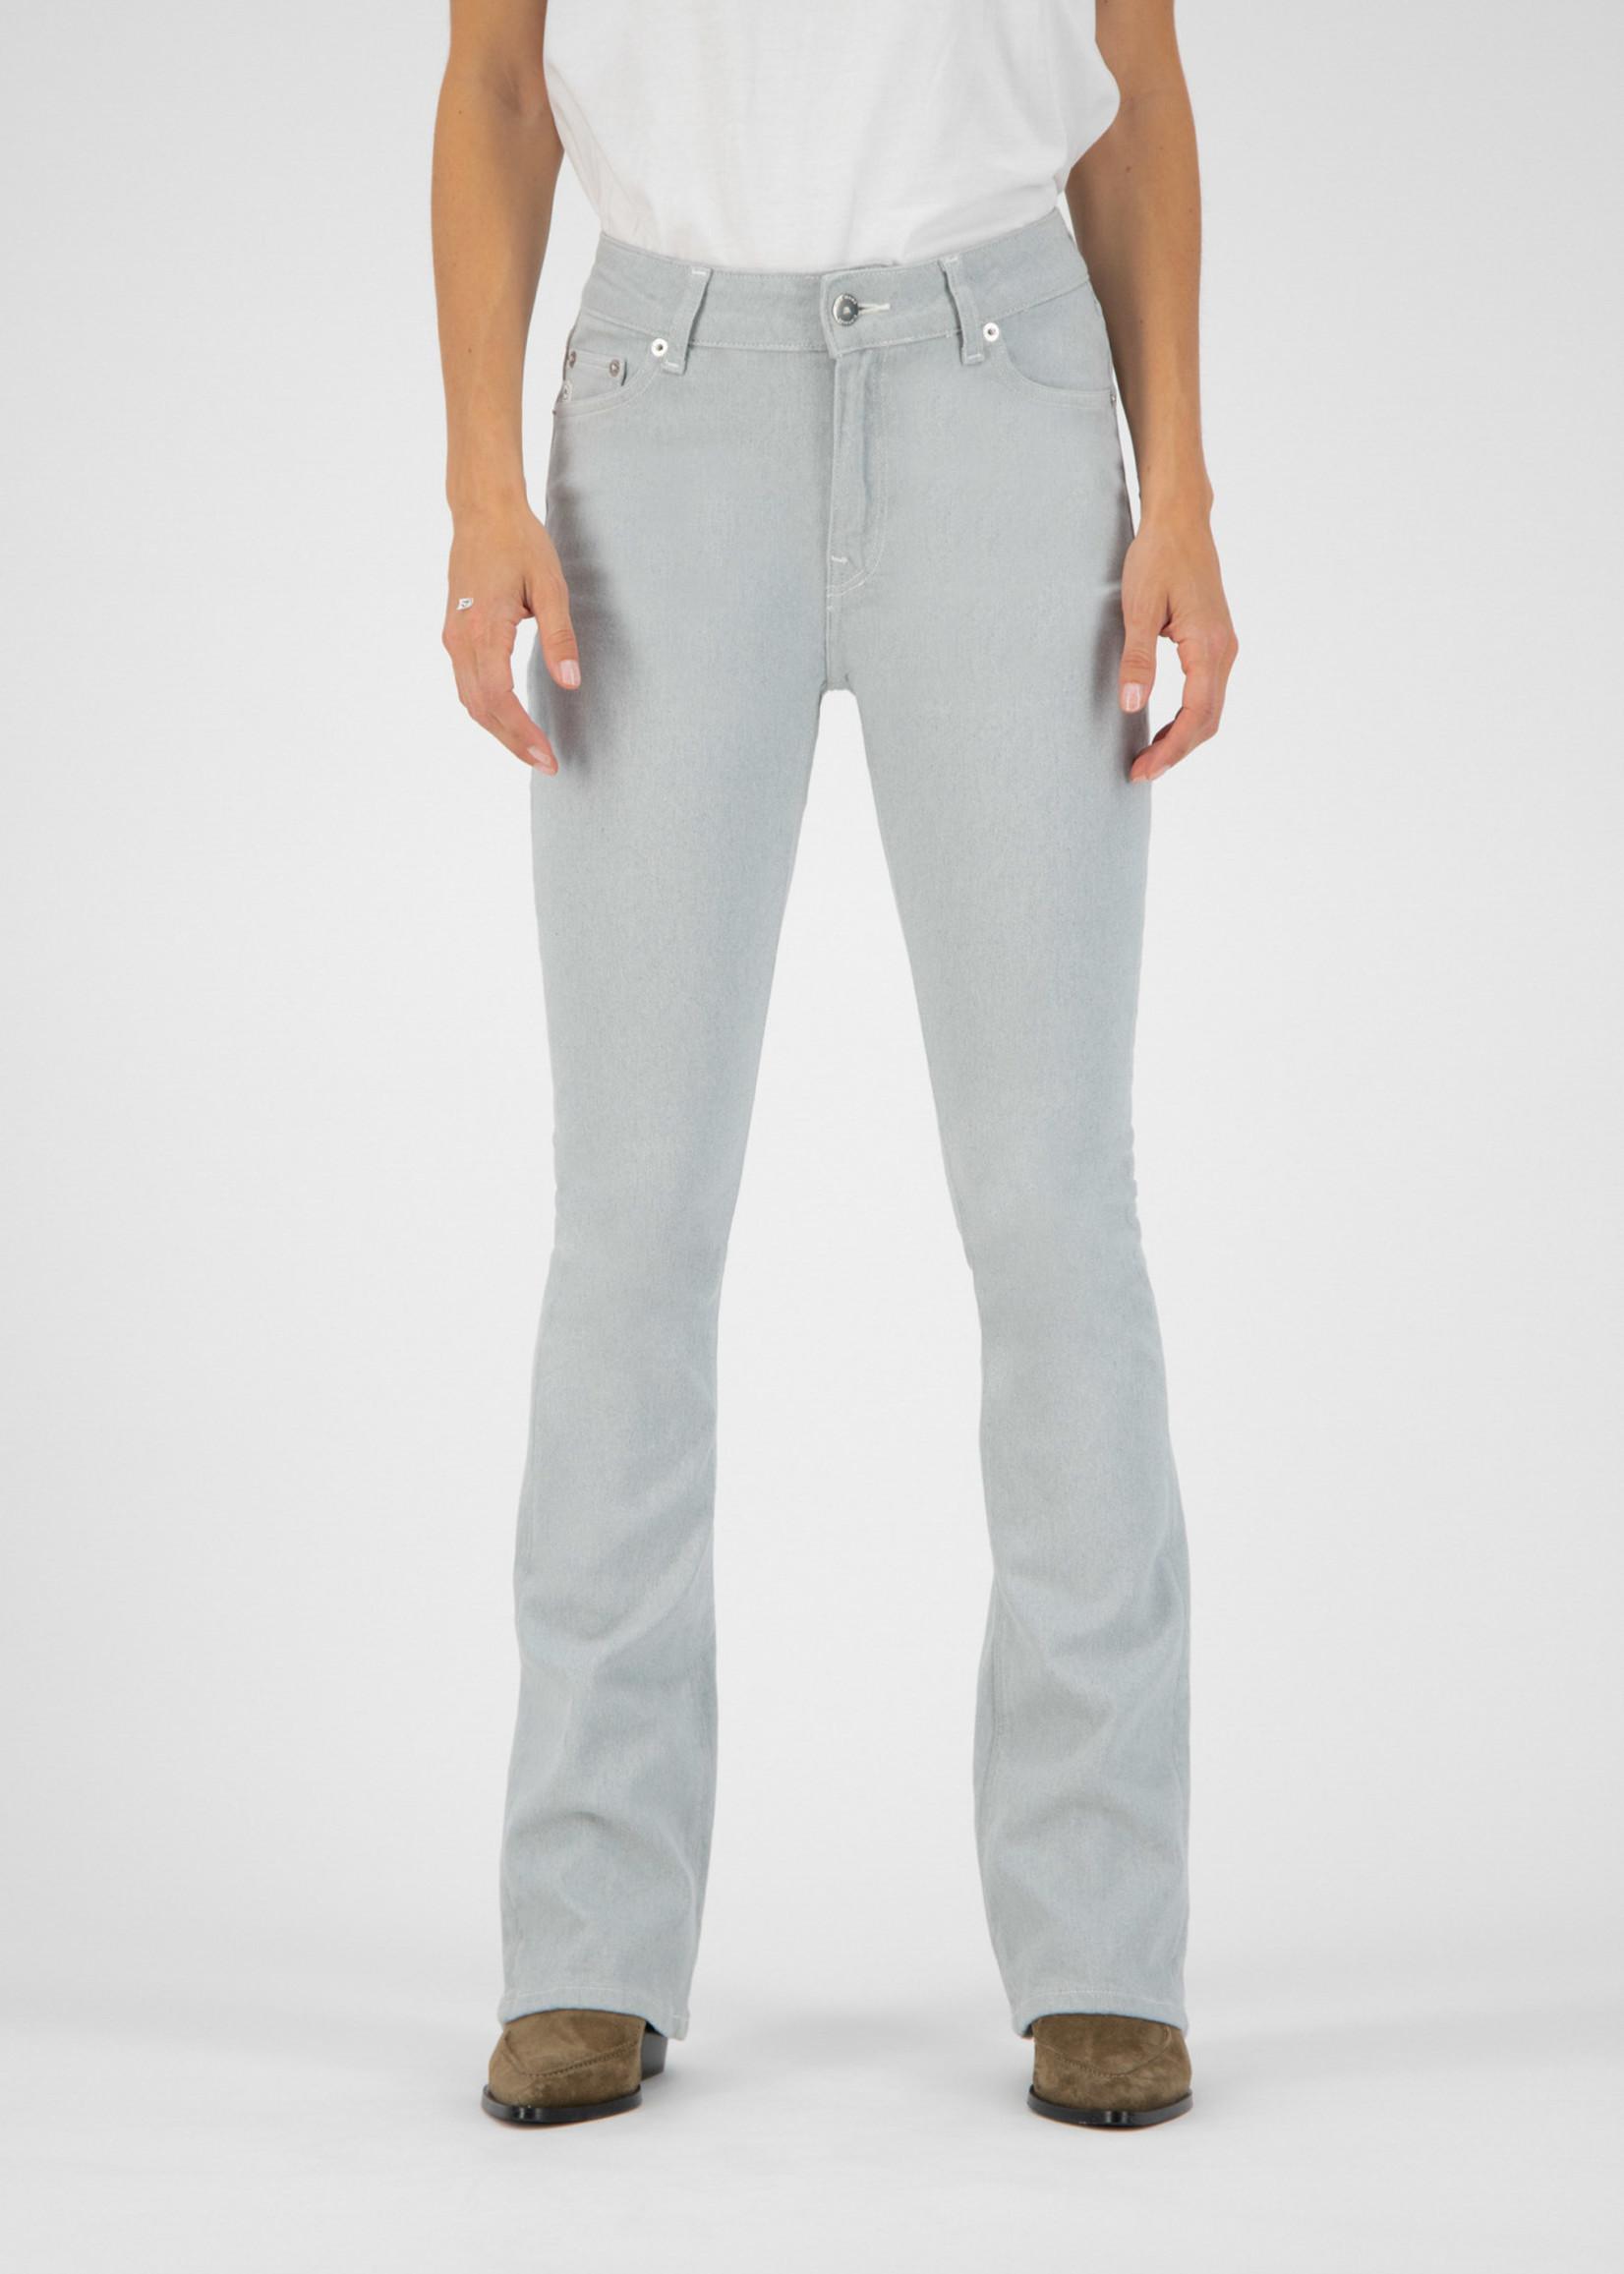 MUD Jeans MUD Jeans - Flared Hazen - Undyed